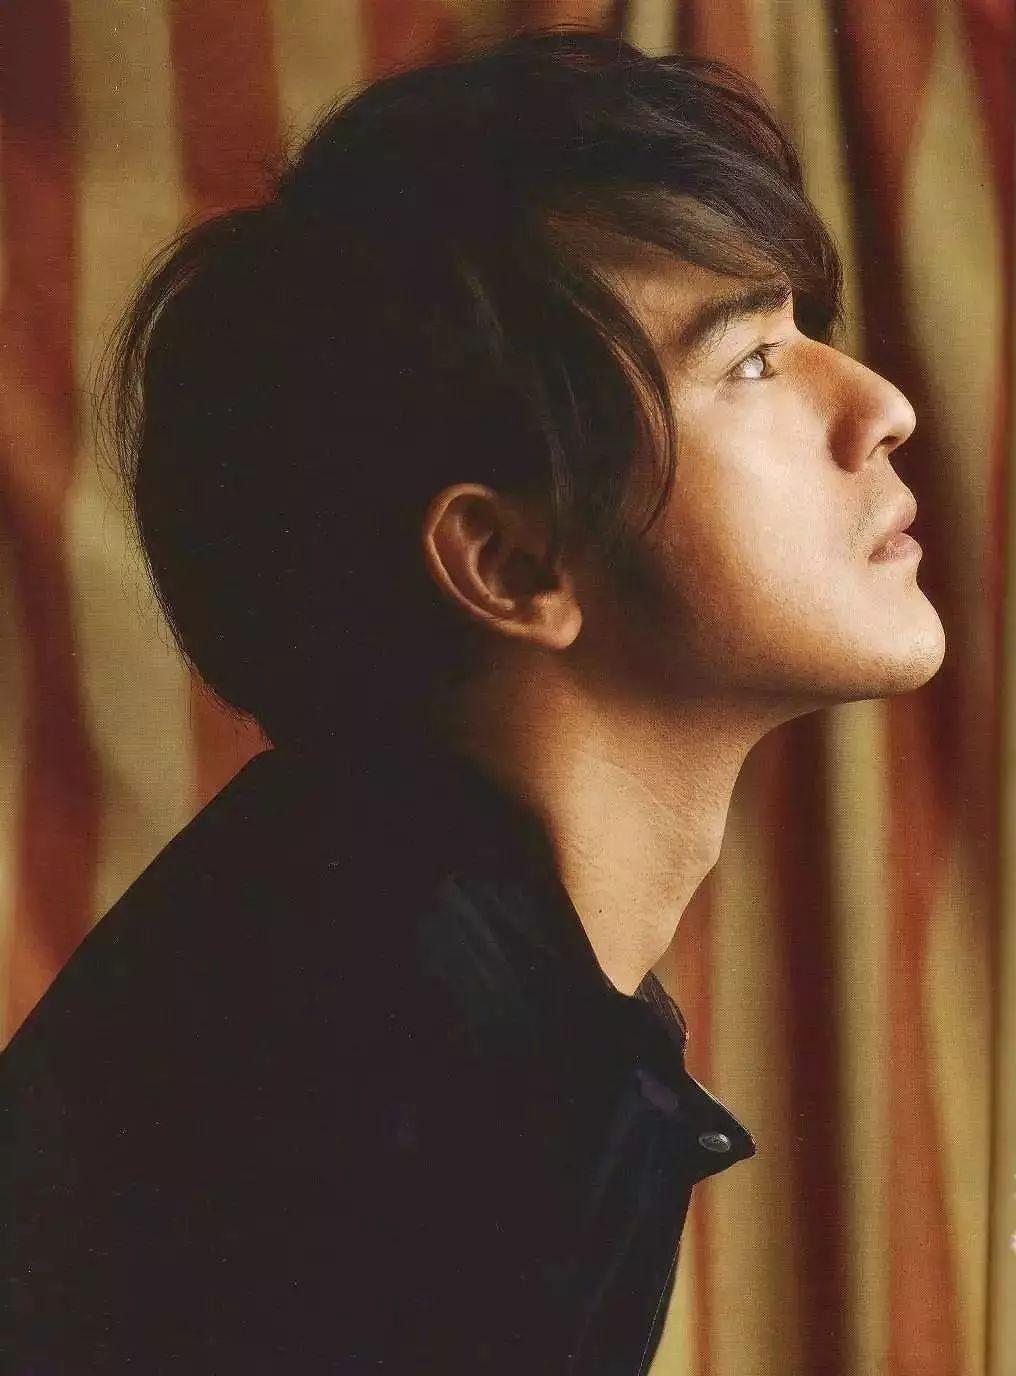 最帅的男生_世界上 最帅 的 男生 是谁